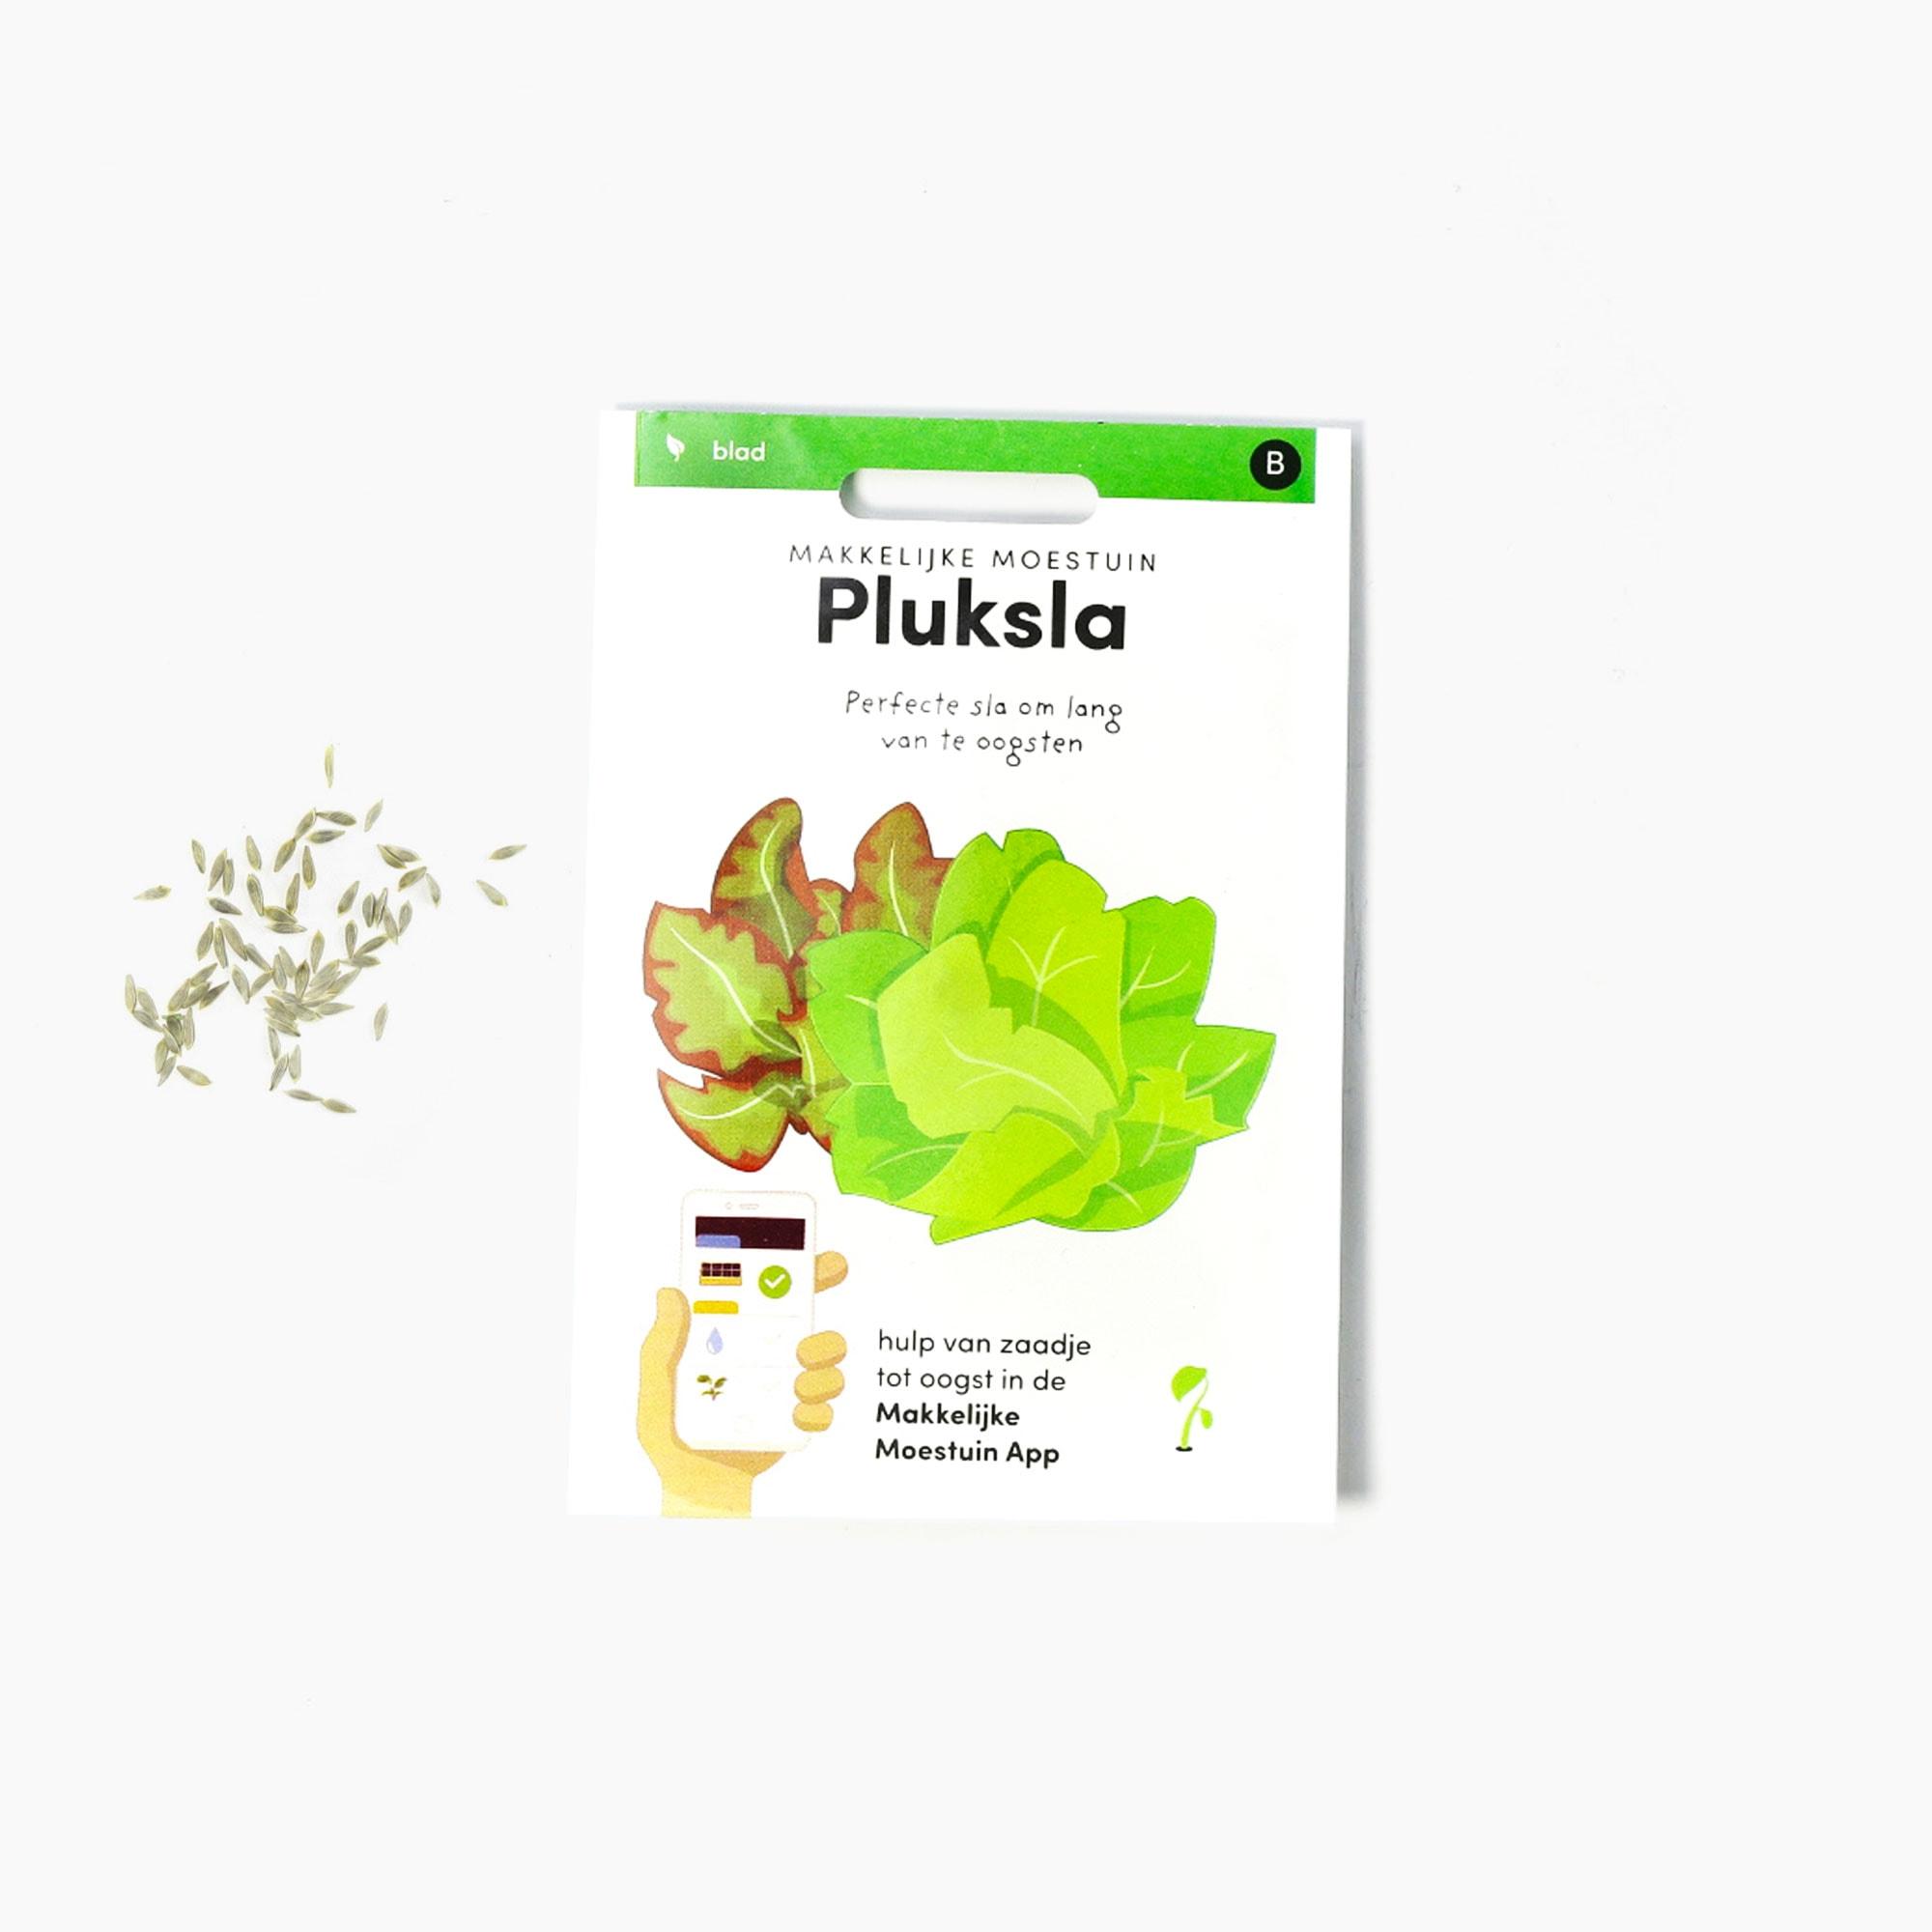 Pluksla1-1.jpg